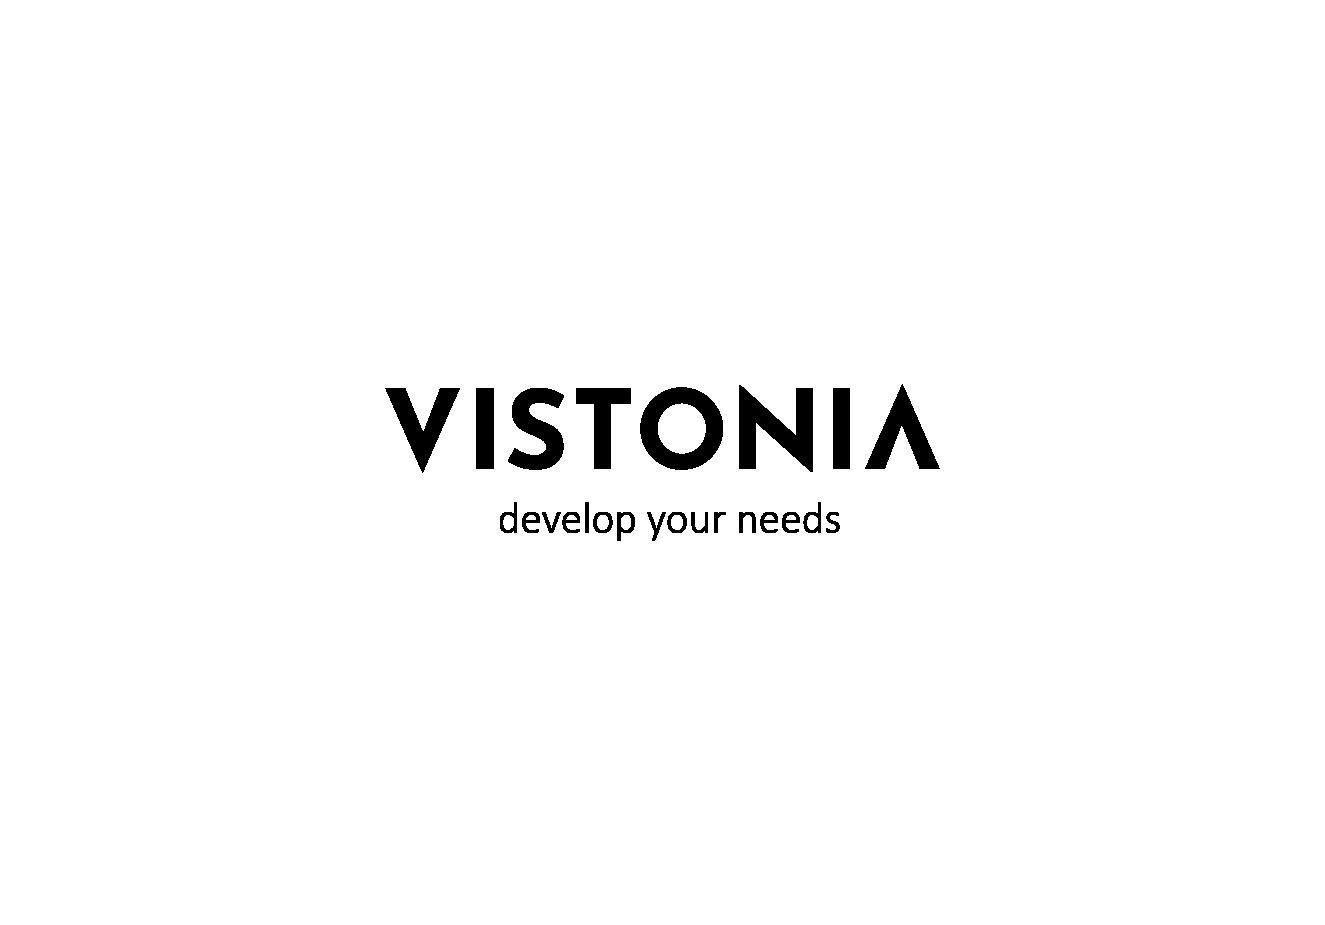 vistonia